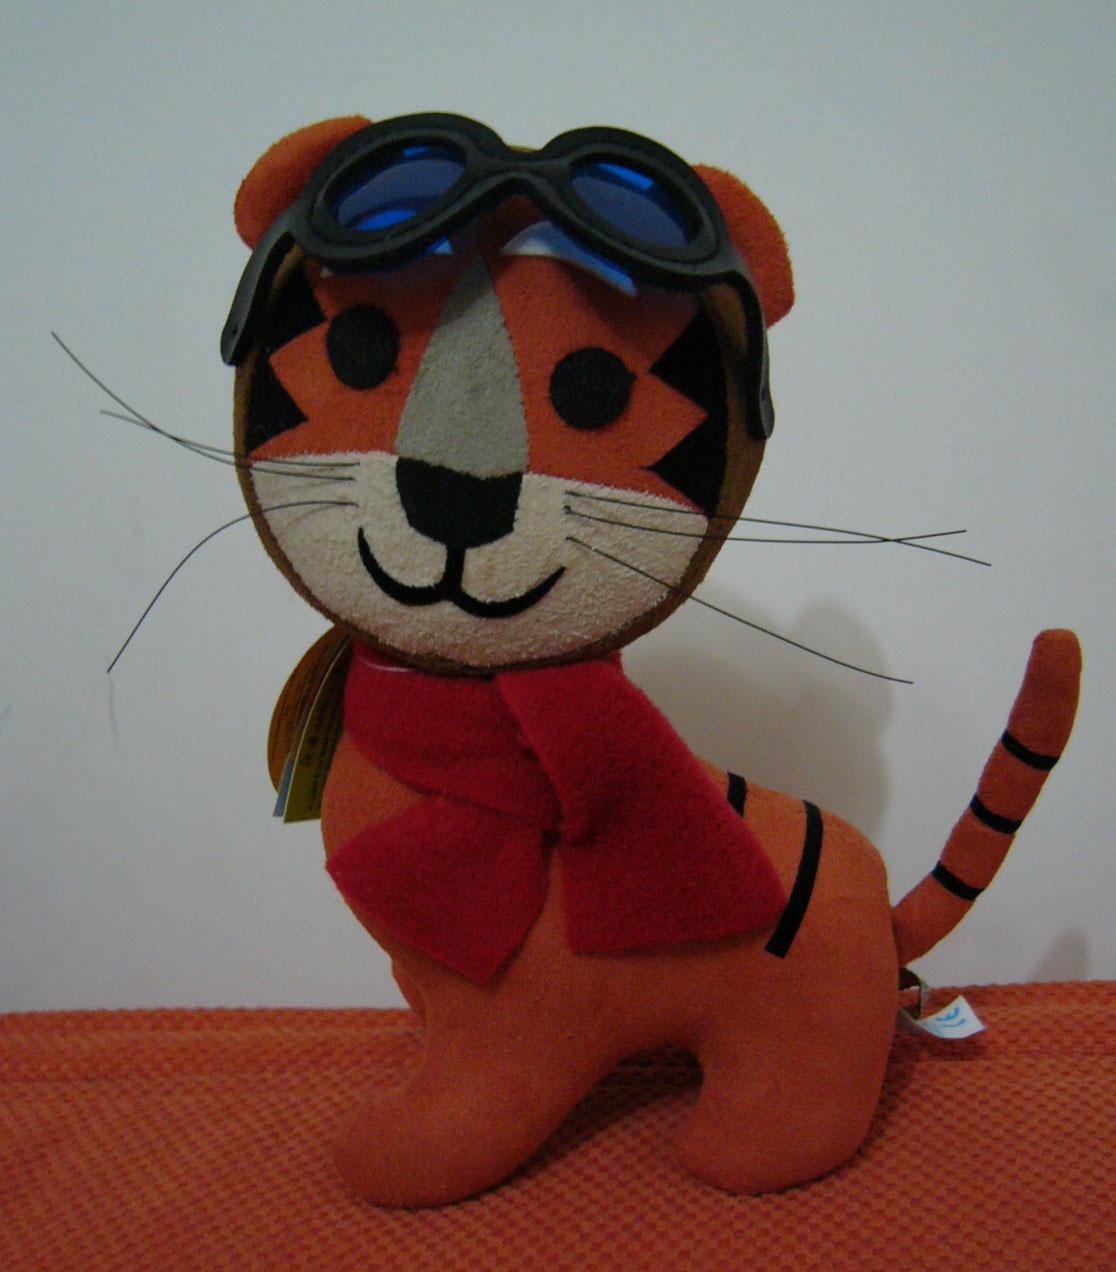 表情大全 小老虎萌 表情 > 可爱的小老虎装  可爱的小老虎装 (490x380